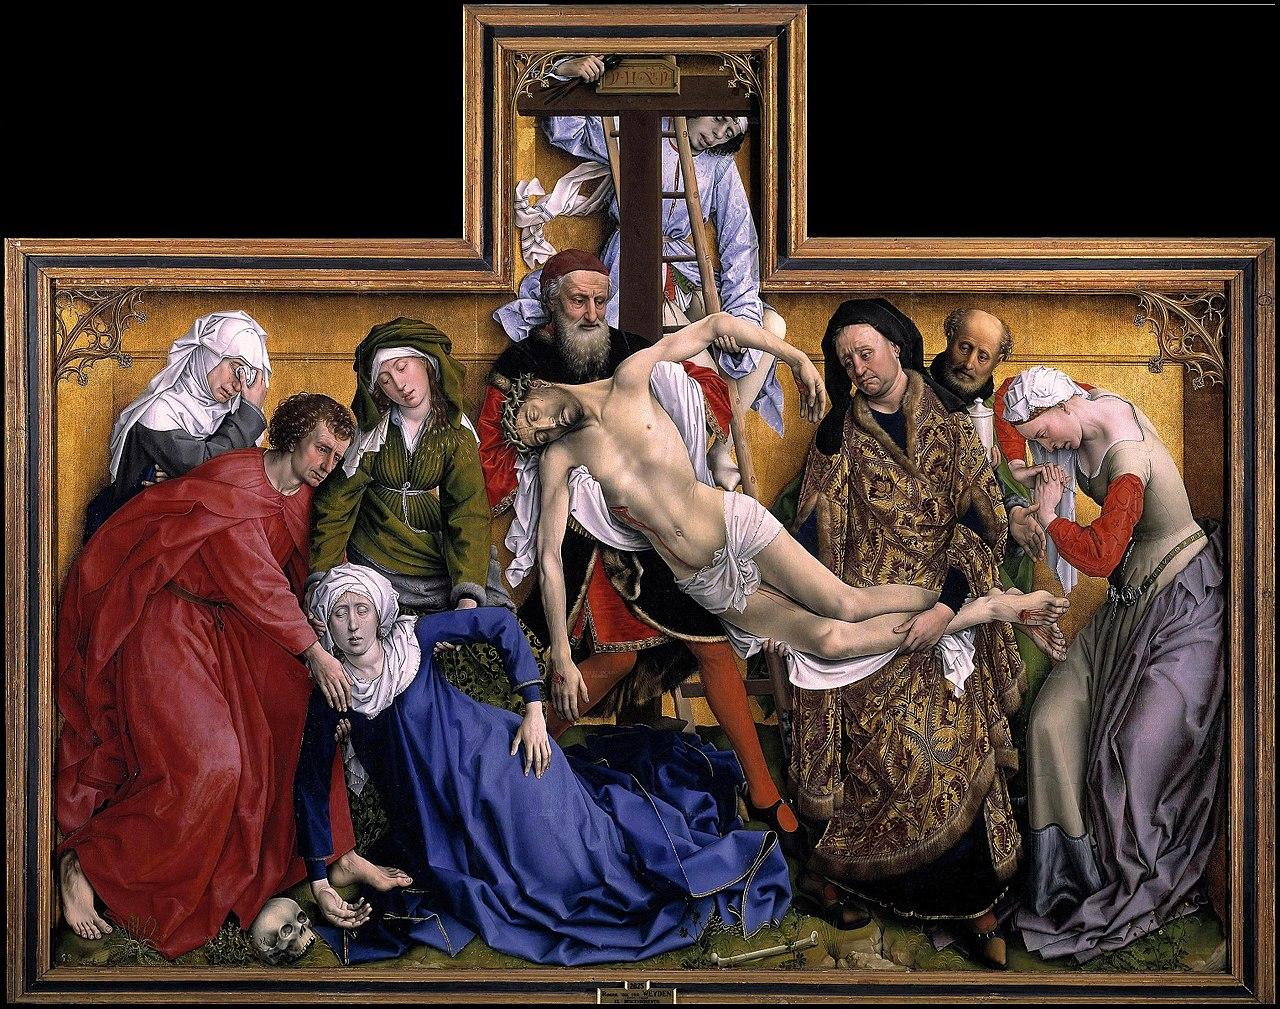 1280px-Weyden_Deposition.jpg (1280×1009)